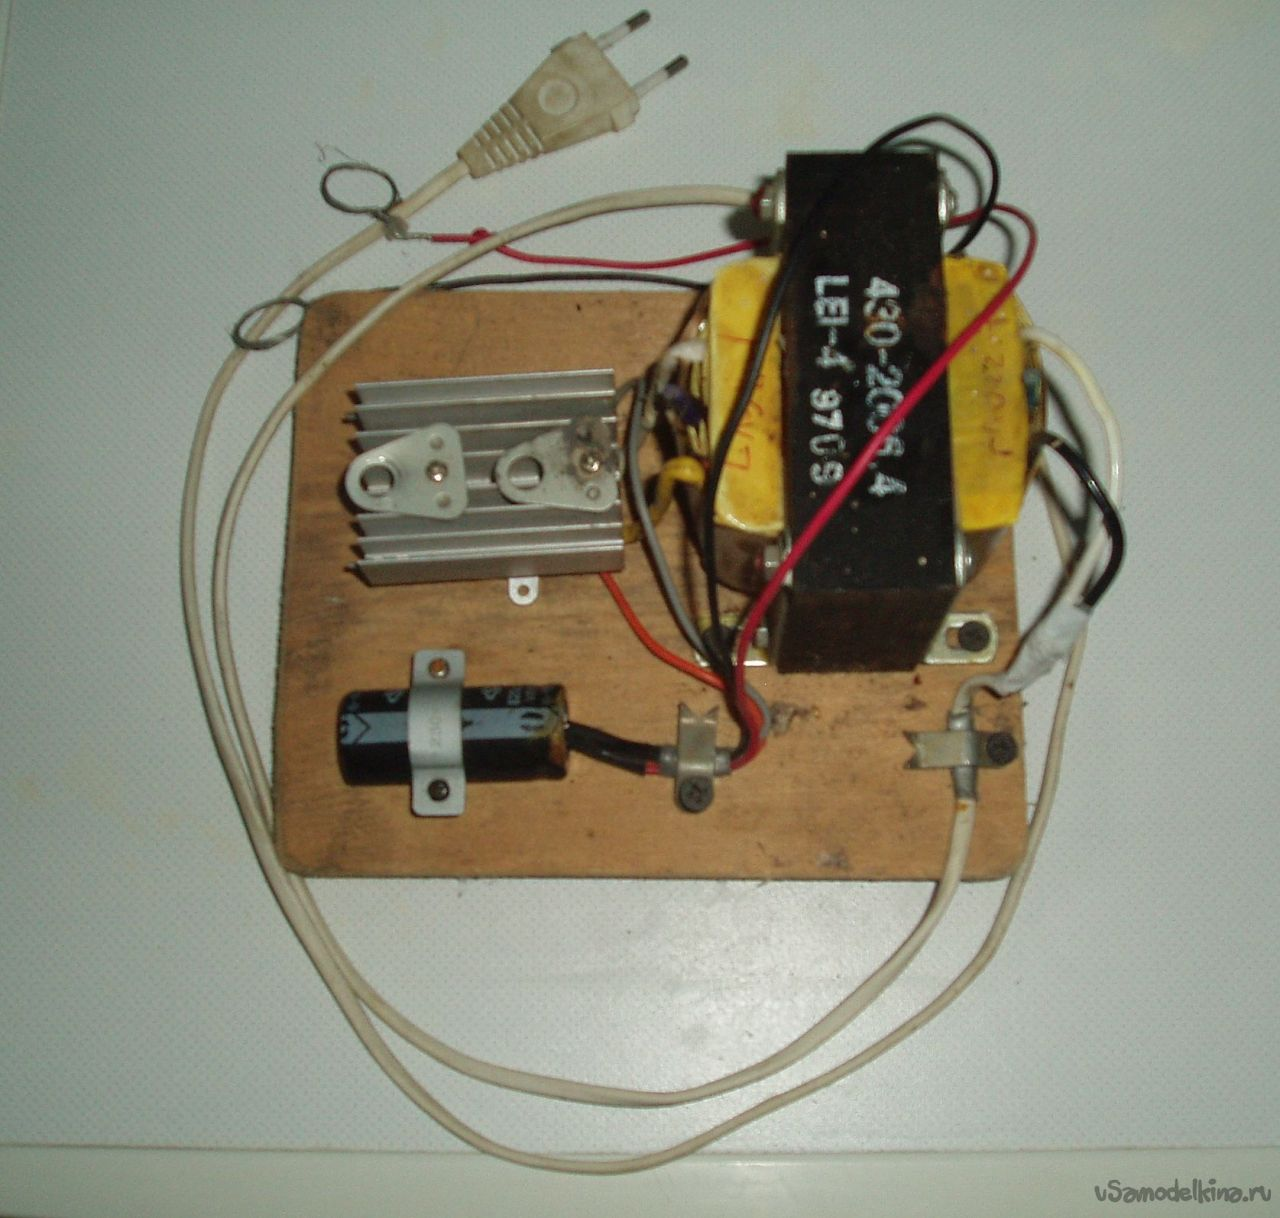 Питание одной батарейкой своими руками 123